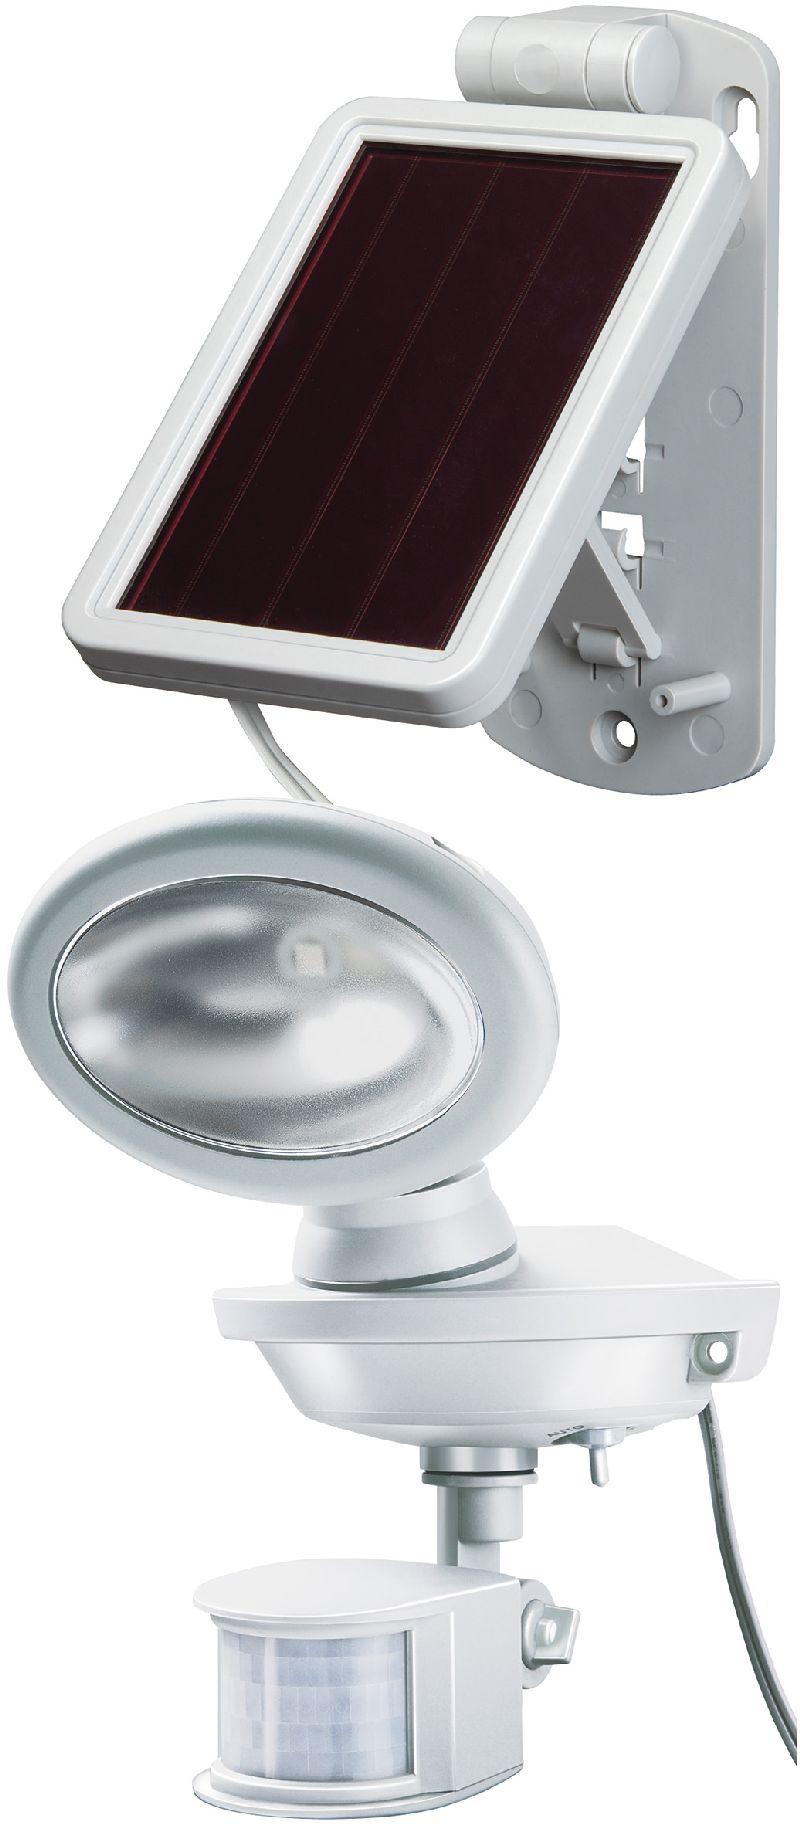 Solar LED-Außenleuchte SOL 14 plus IP44 mit Infrarot-Bewegungsmelder 2xLED 0,5W 85lm Kabellänge 3m Farbe Grau-Weiß